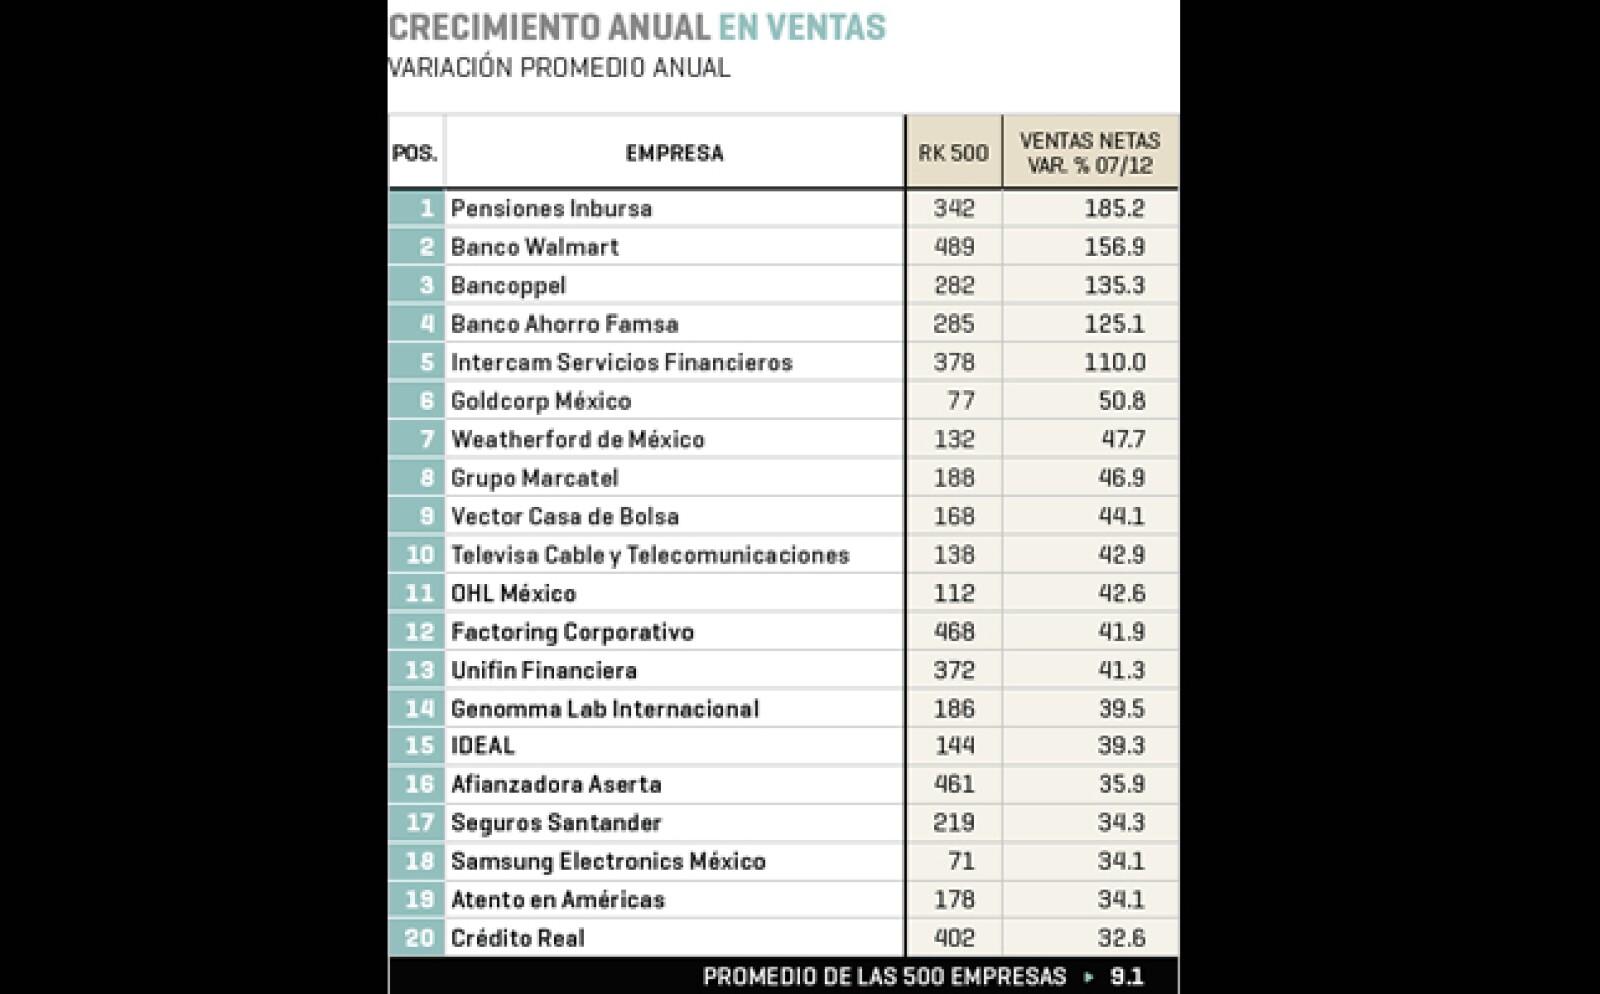 Pensiones Inbursa (posición 342 en el ranking 2013 de 'Las 500'), Banco Walmart (489) y Bancoppel (282), son las firmas que tuvieron el mayor crecimiento anual en ventas.